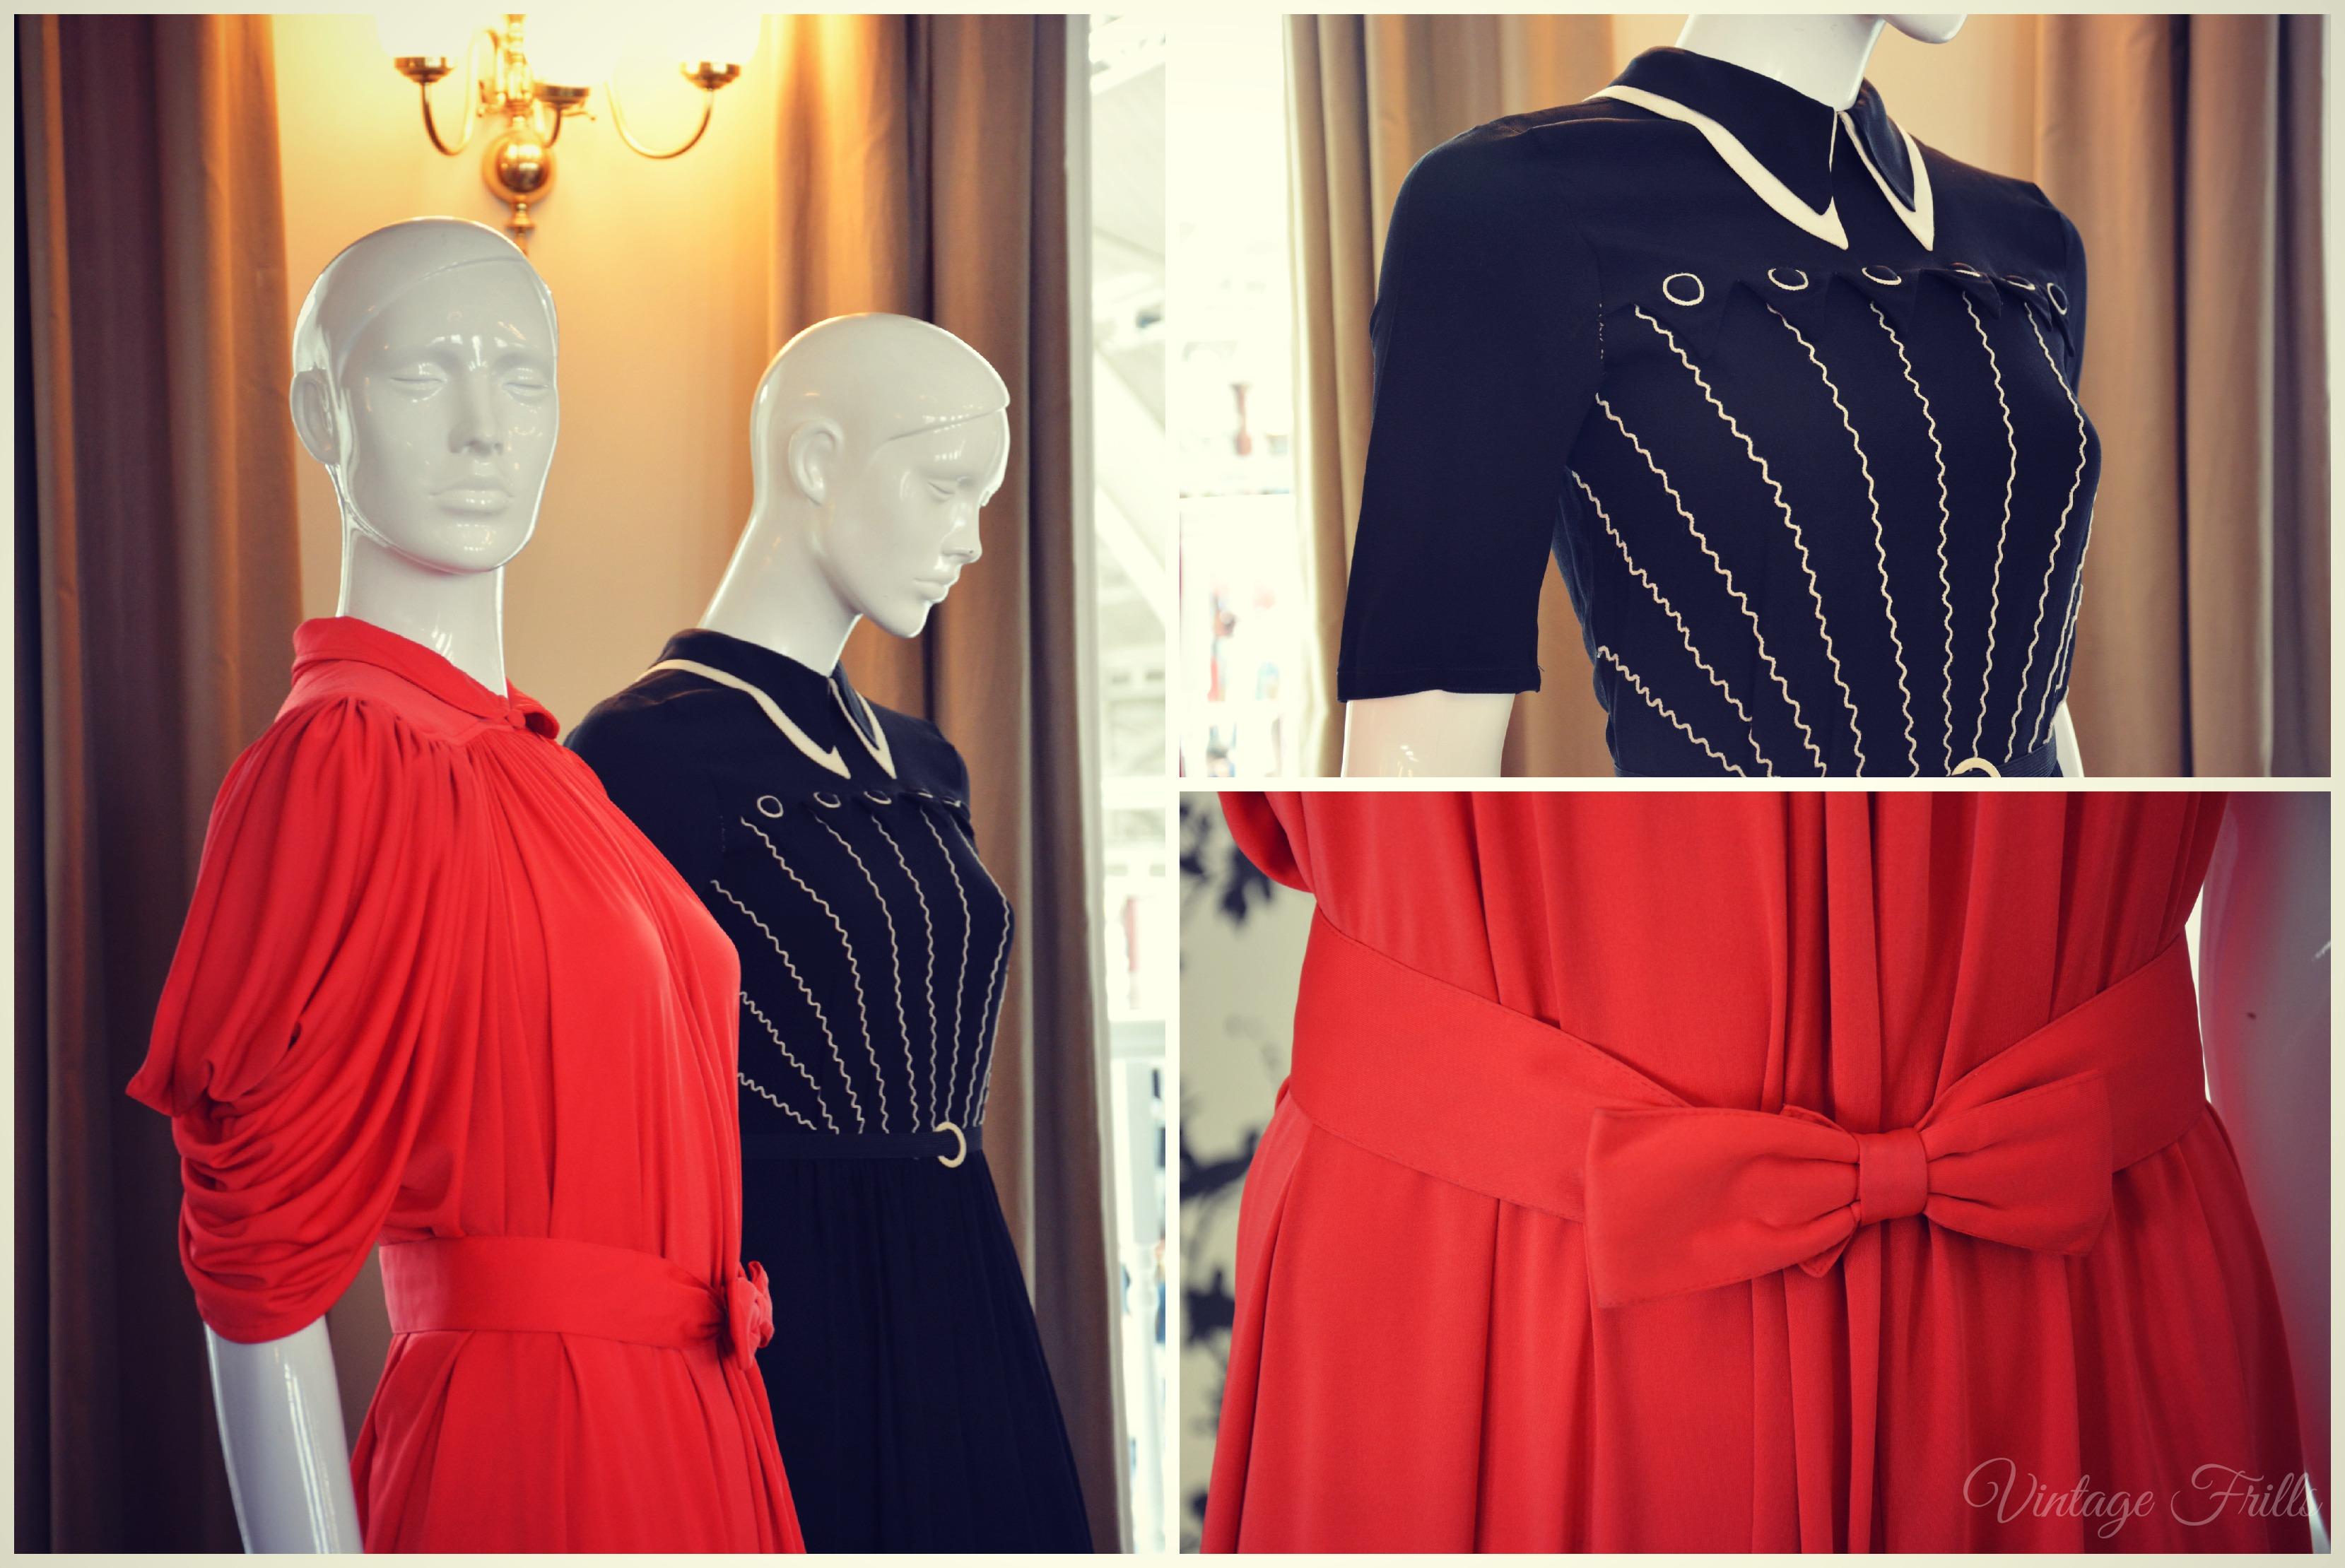 Vintage Dresses Nicky Albrechtsen